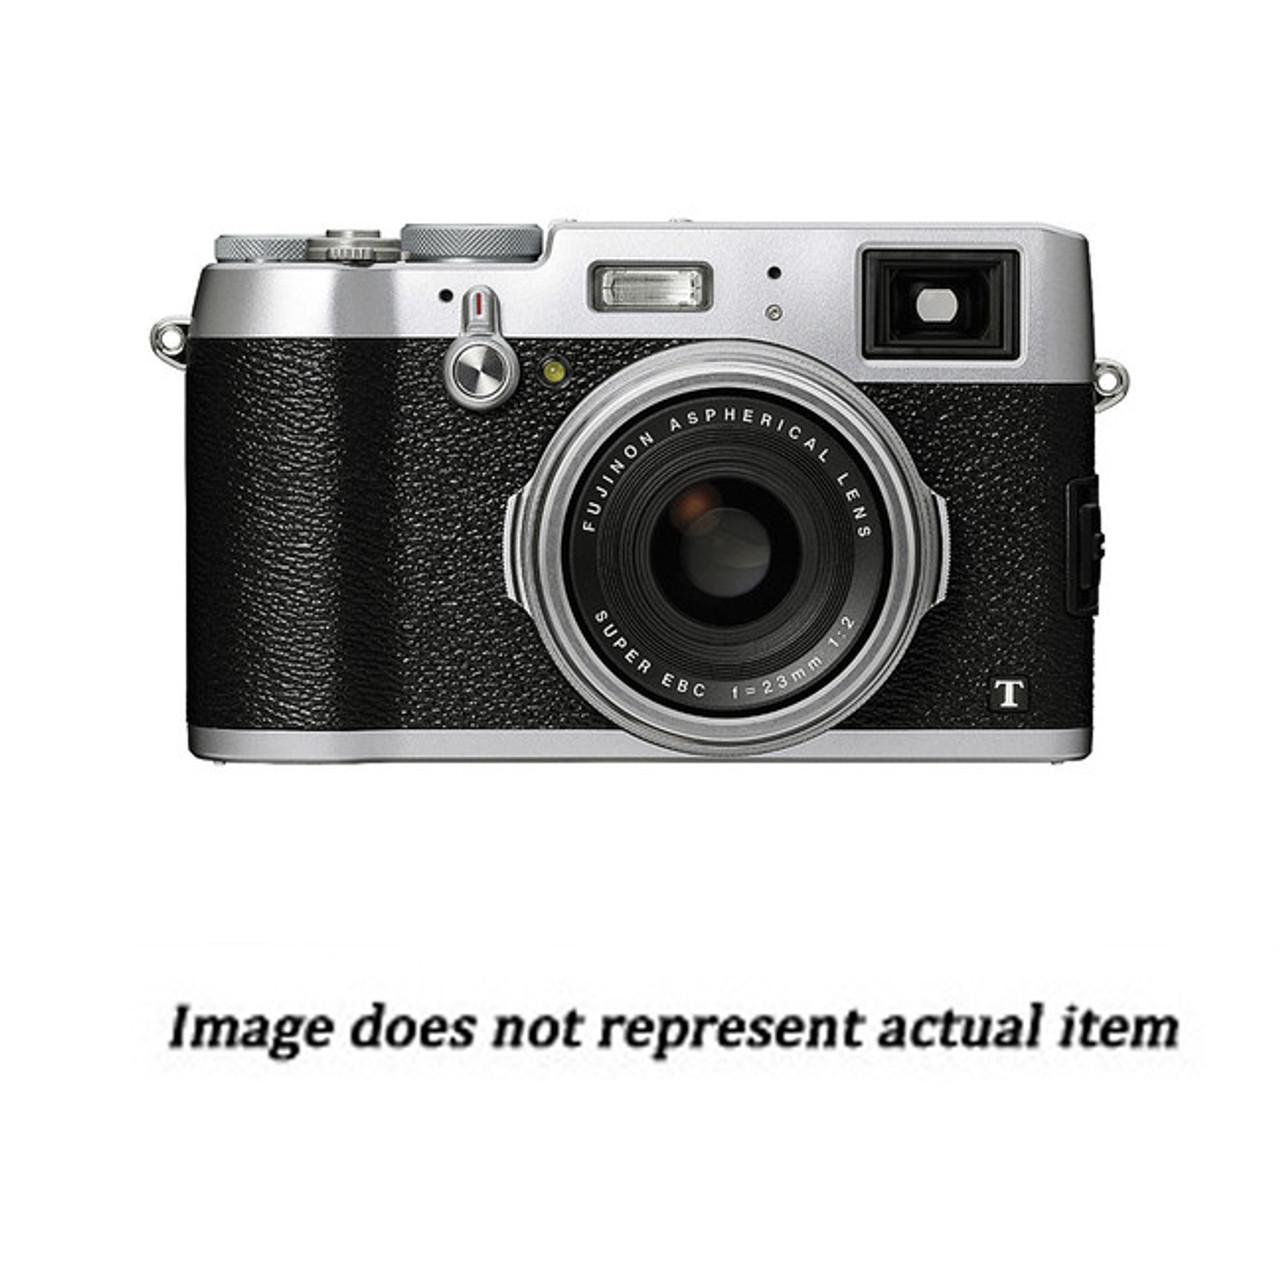 Fujifilm X100T Digital Camera - Silver - (USED) - S/N 53A00545